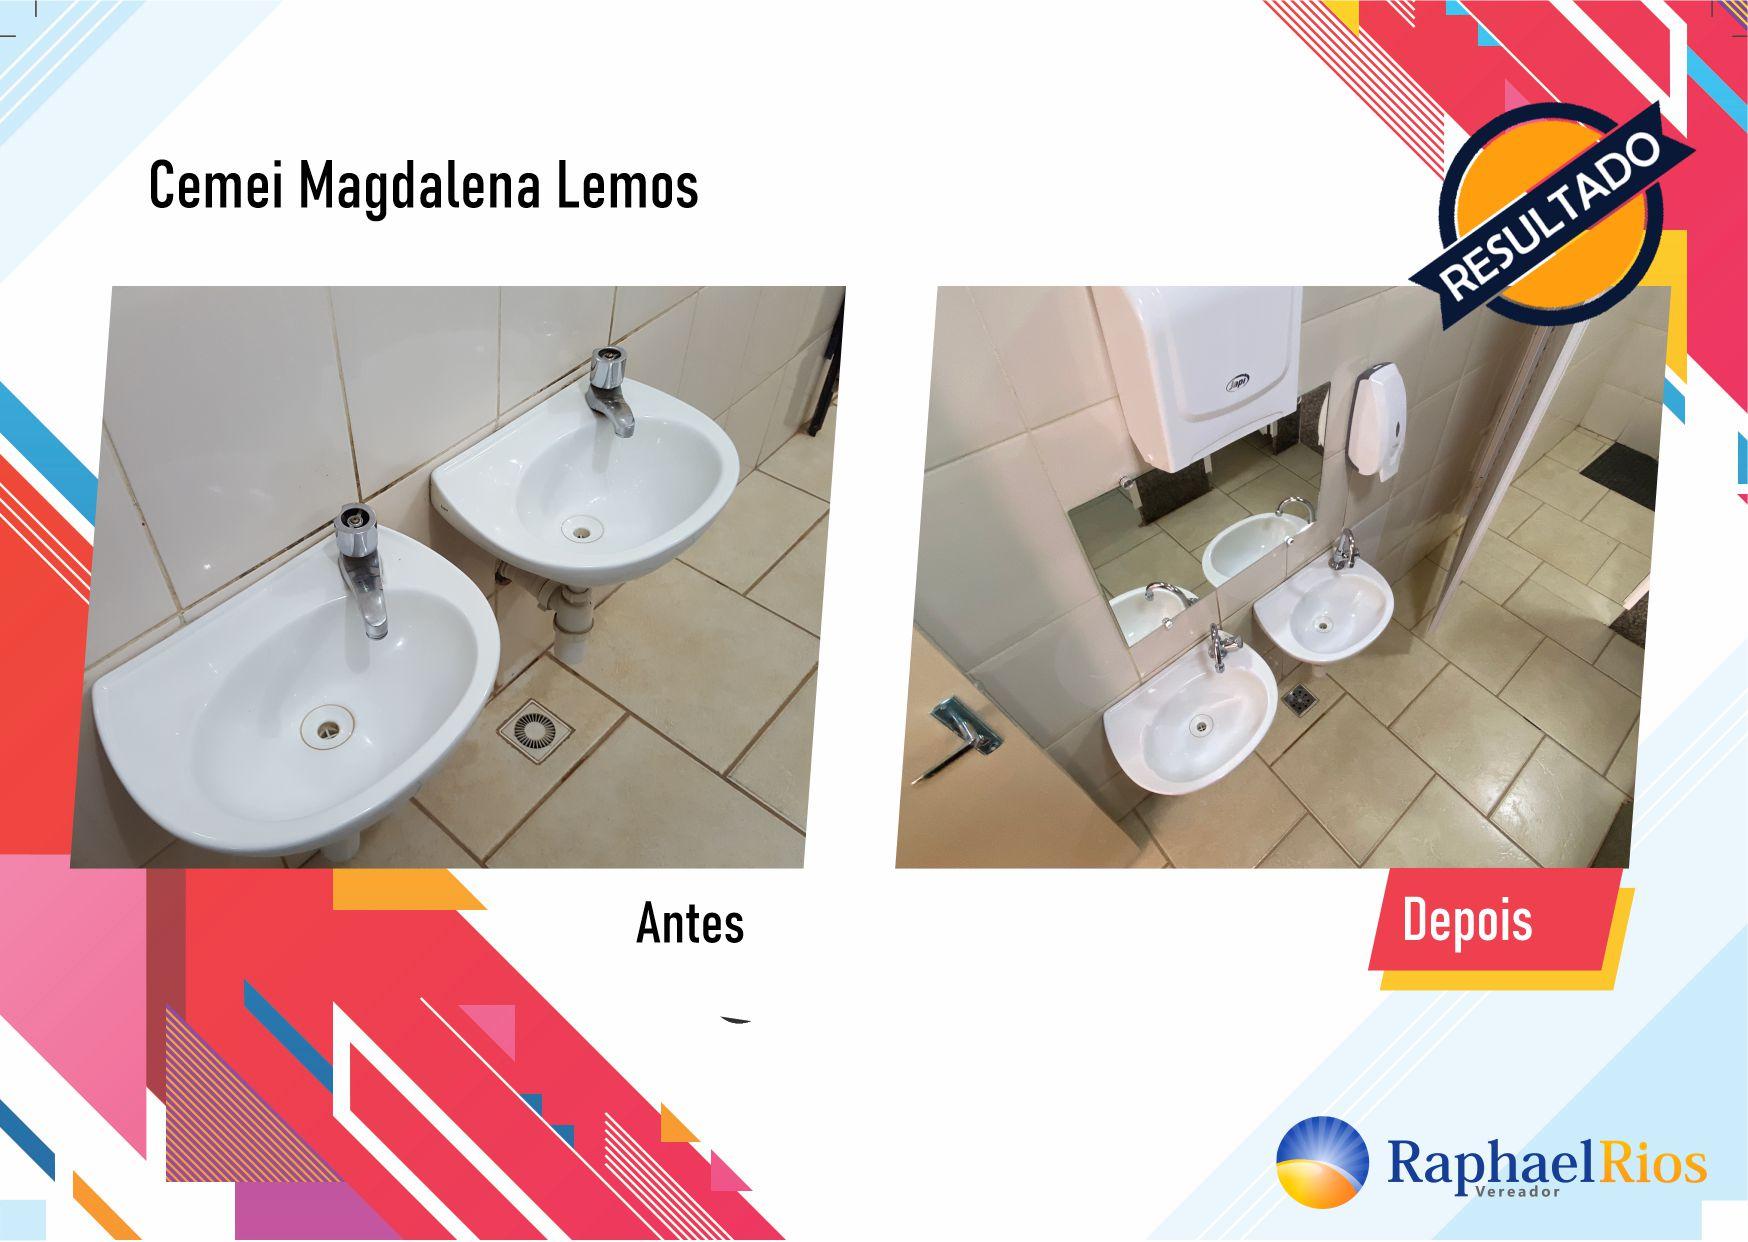 Após fiscalização, Raphael Rios confere reforma geral do Cemei Magdalena Lemos 3